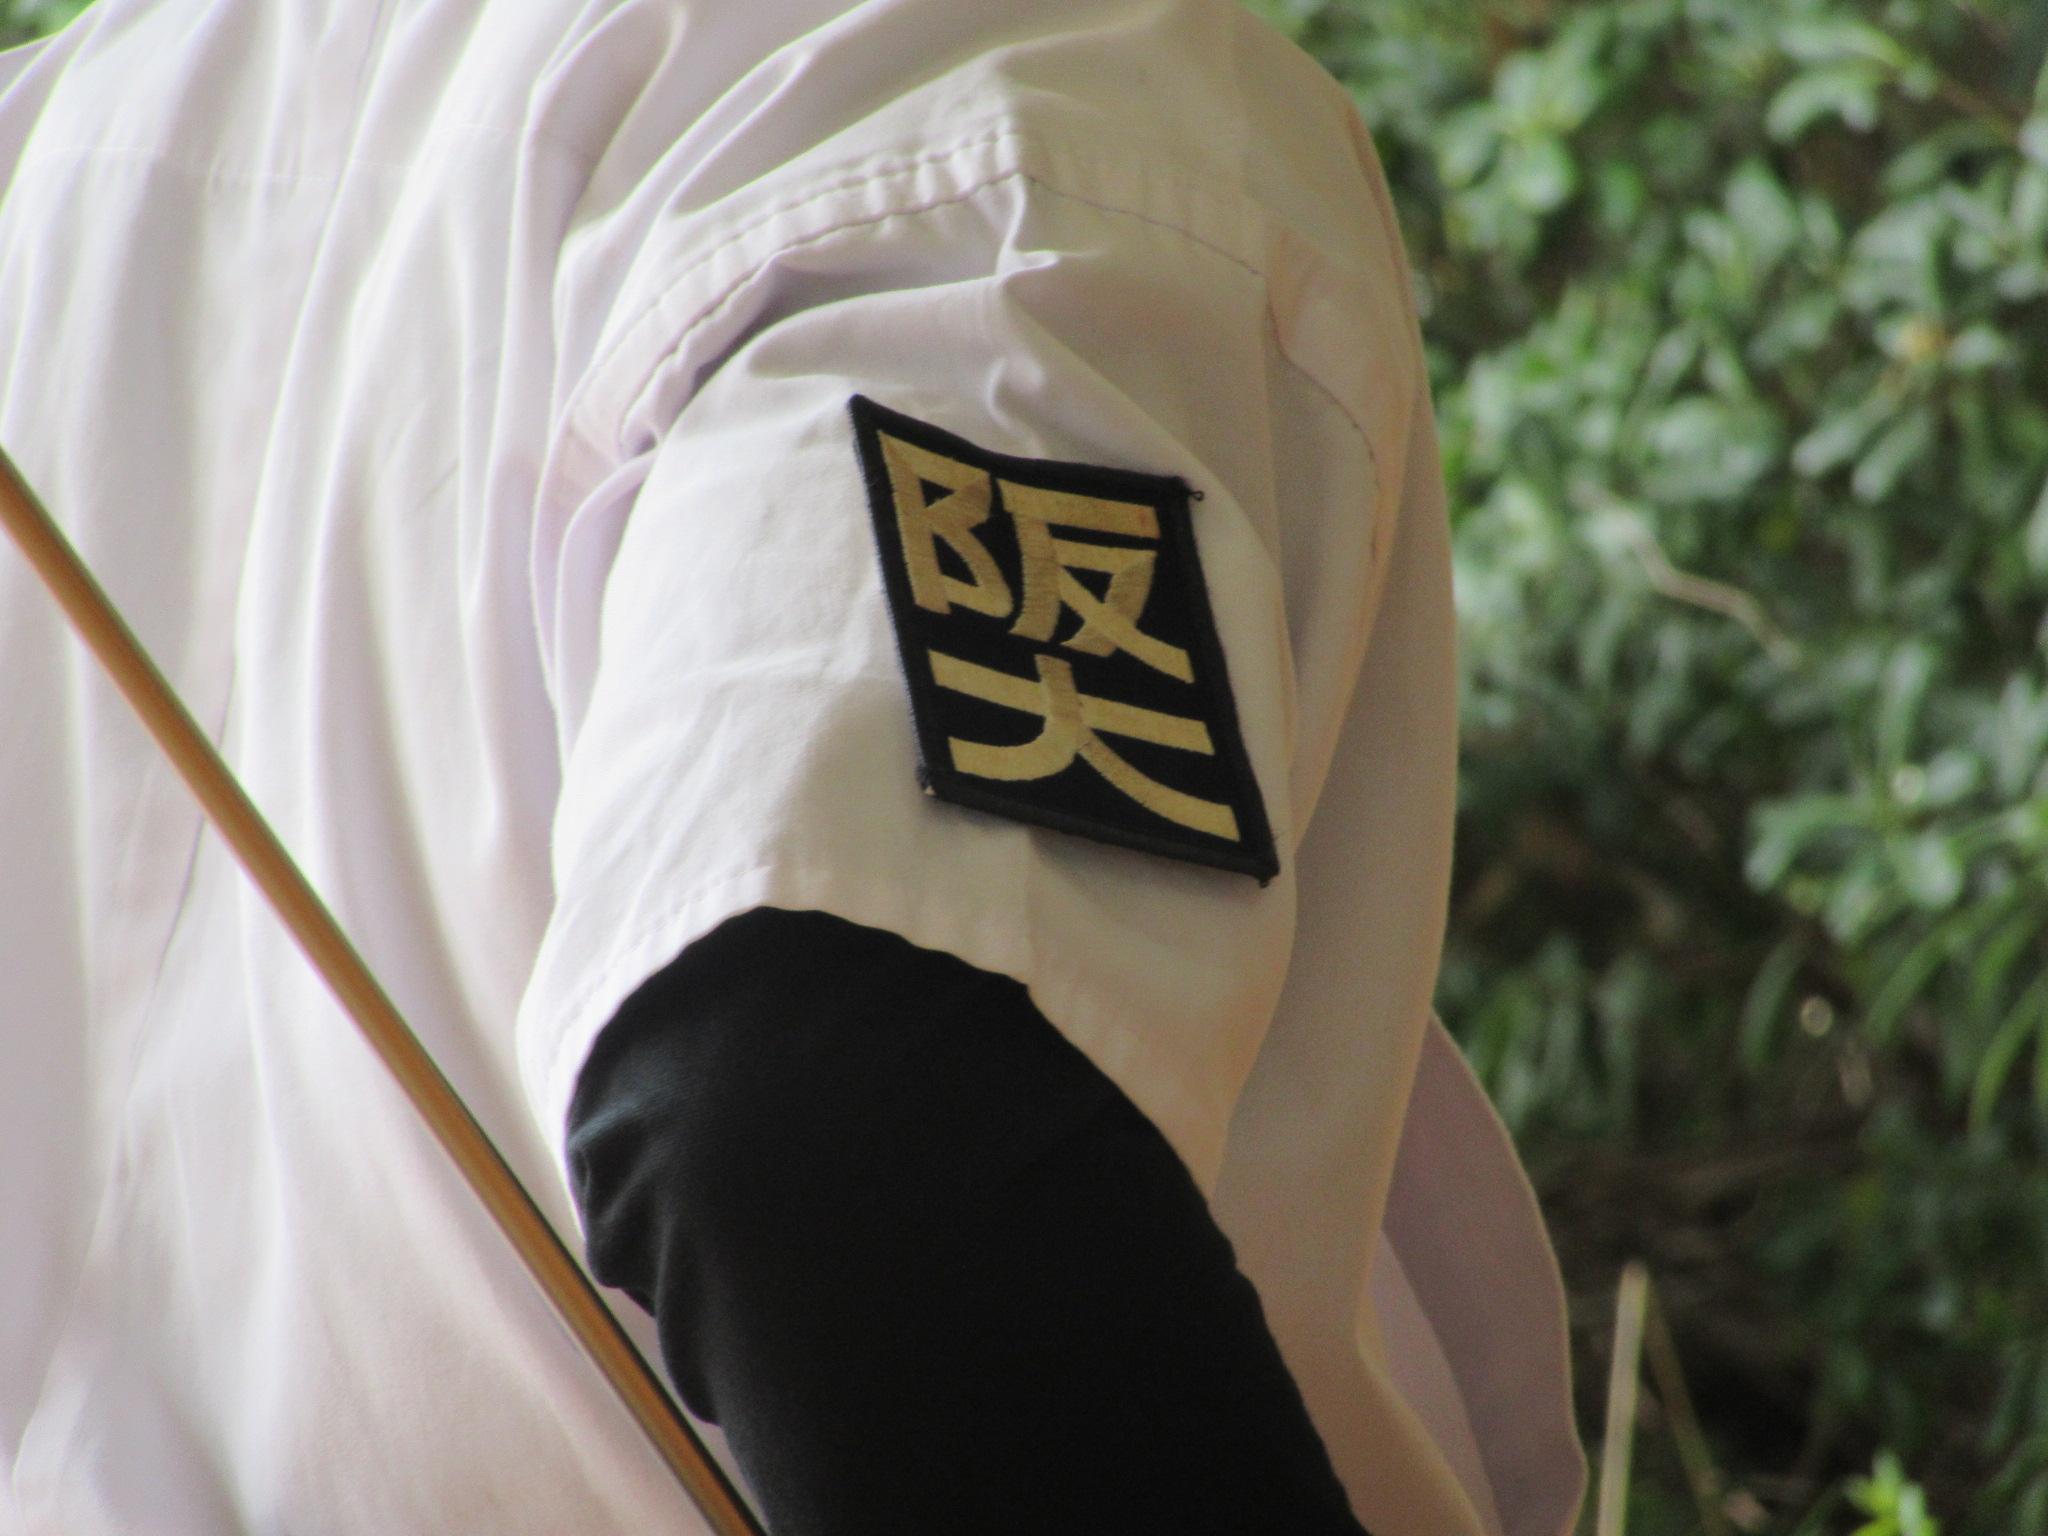 対するは大阪大学さん、昨年も新人戦で対戦しましたがいつも迫力に圧倒されます